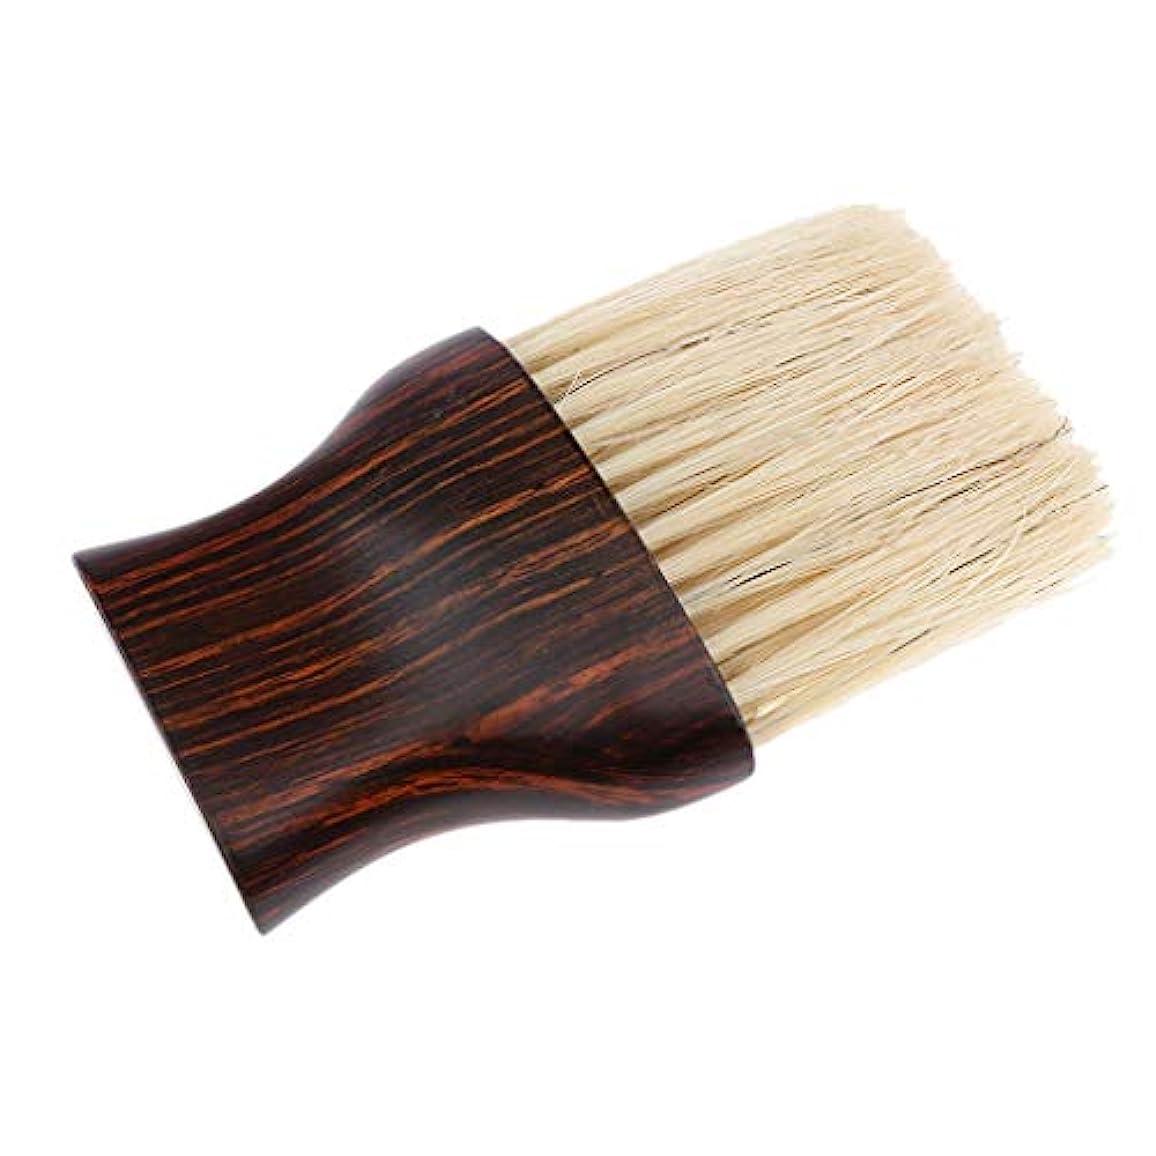 等価等価コテージヘアブラシ 毛払いブラシ 散髪 髪切り 散髪用ツール 床屋 理髪店 美容院 ソフトブラシ